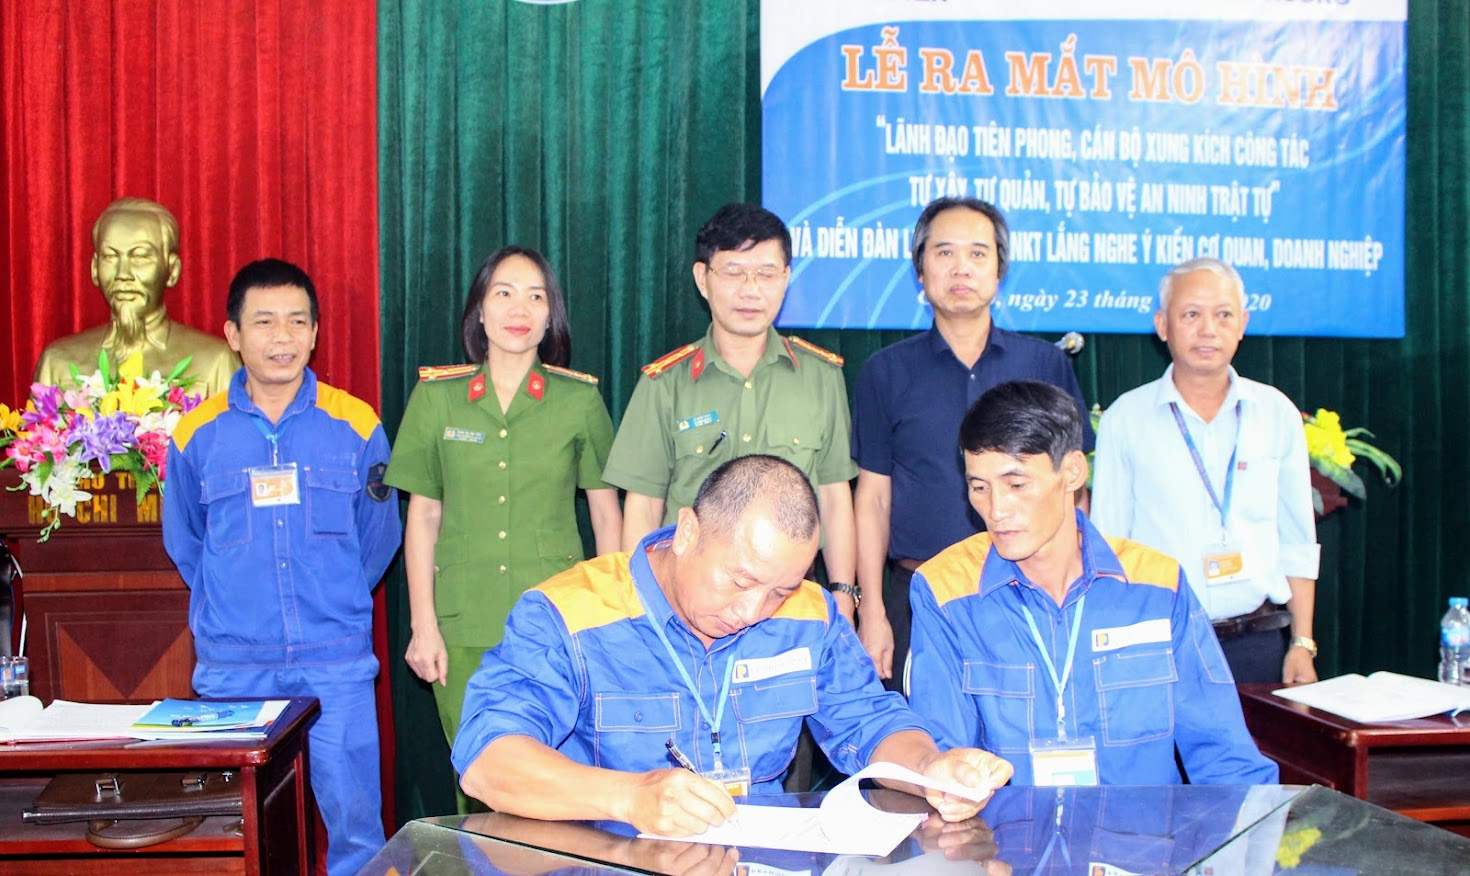 Đại diện các Ban tự quản ký cam kết ra mắt mô hình